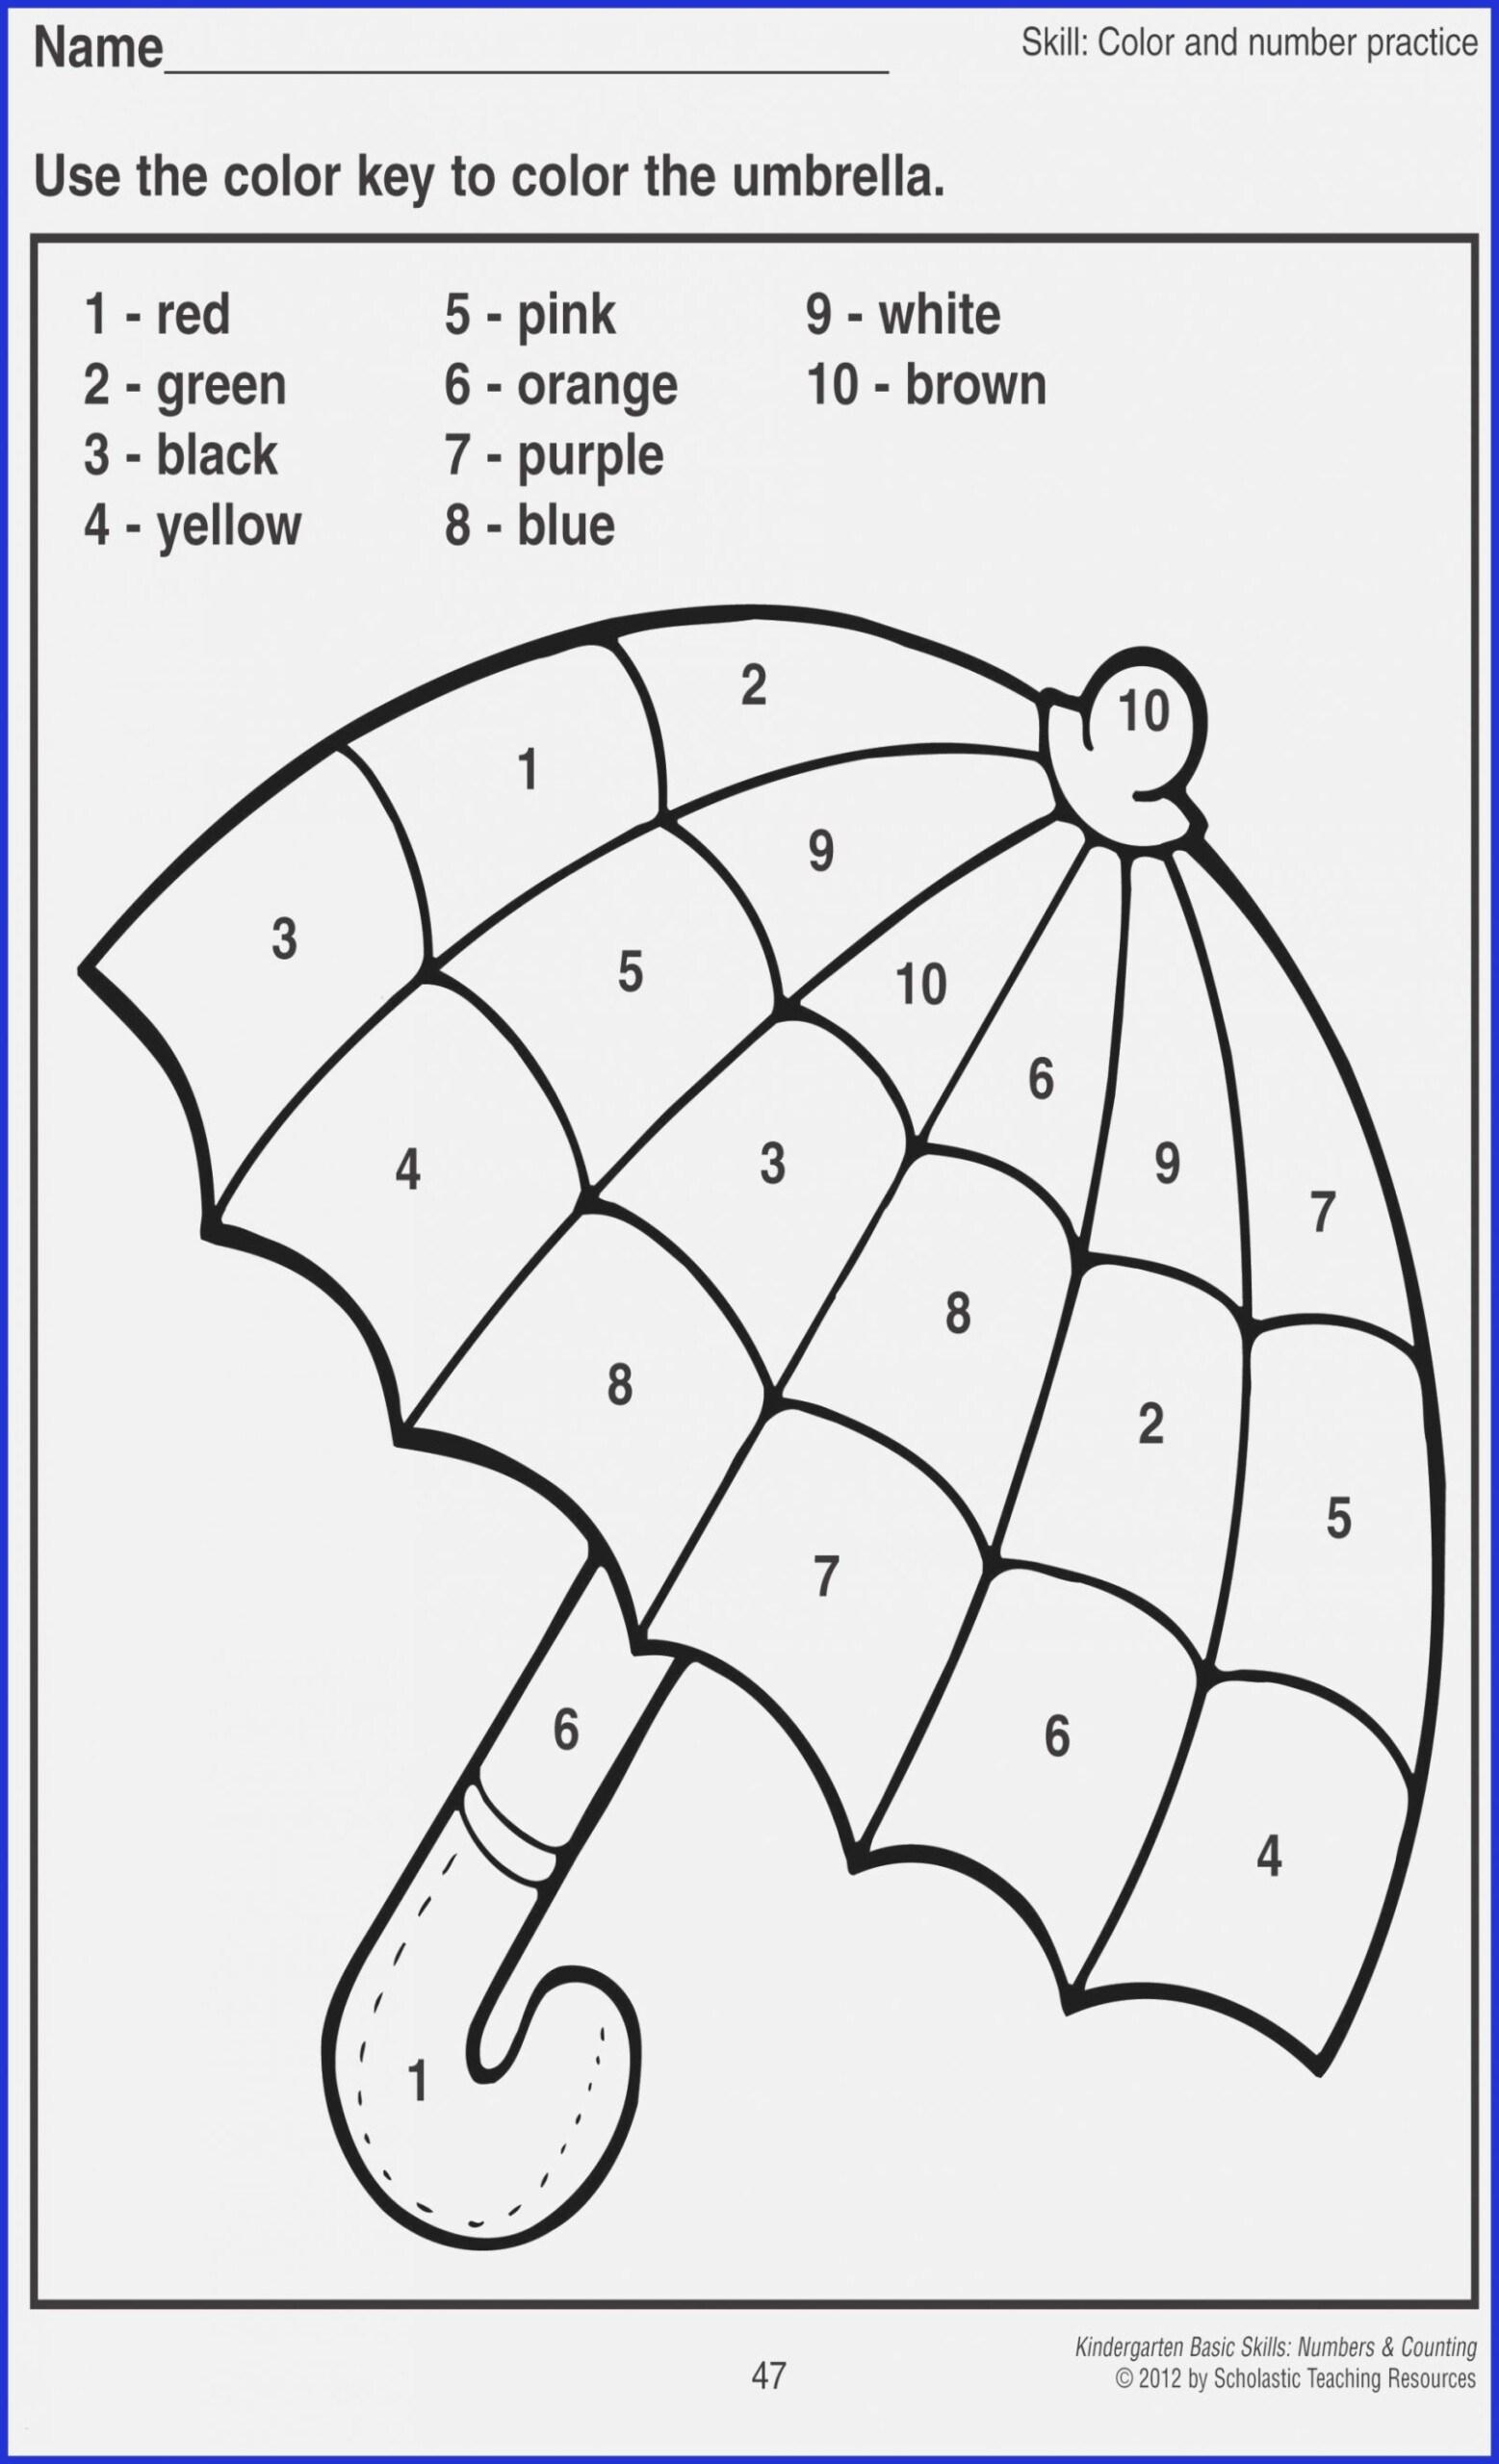 Worksheets : Missing Numbers Worksheet Ks1 Printable Trace